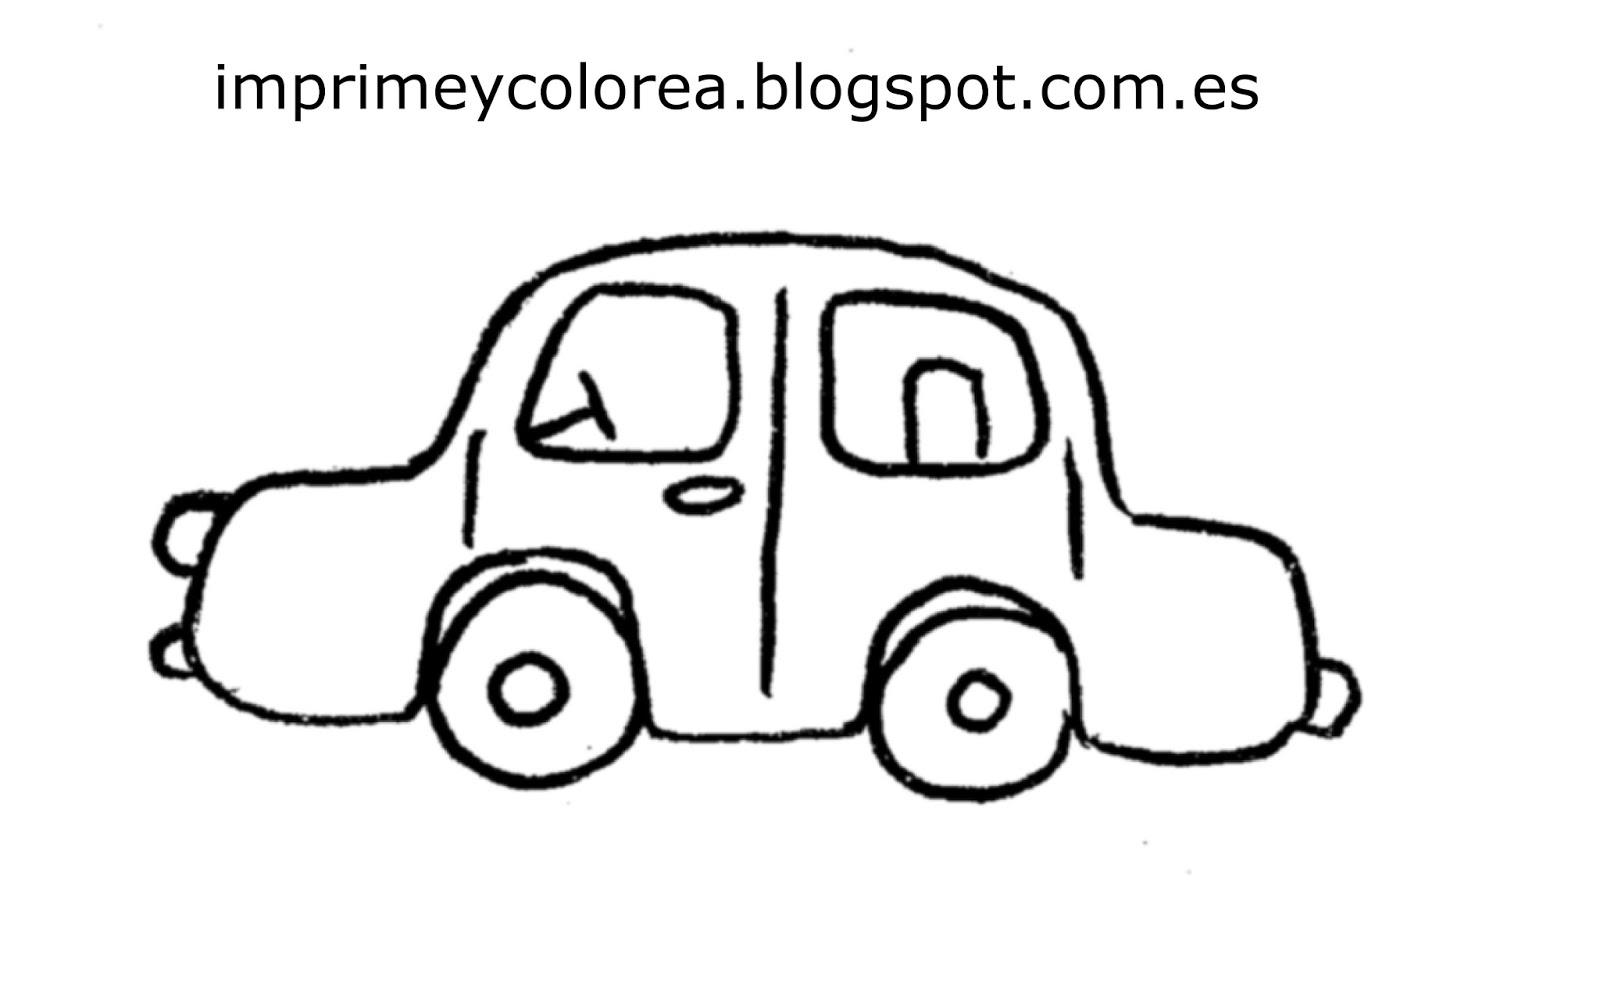 Dibujos para imprimir y colorear: Dibujo para imprimir y colorear de ...